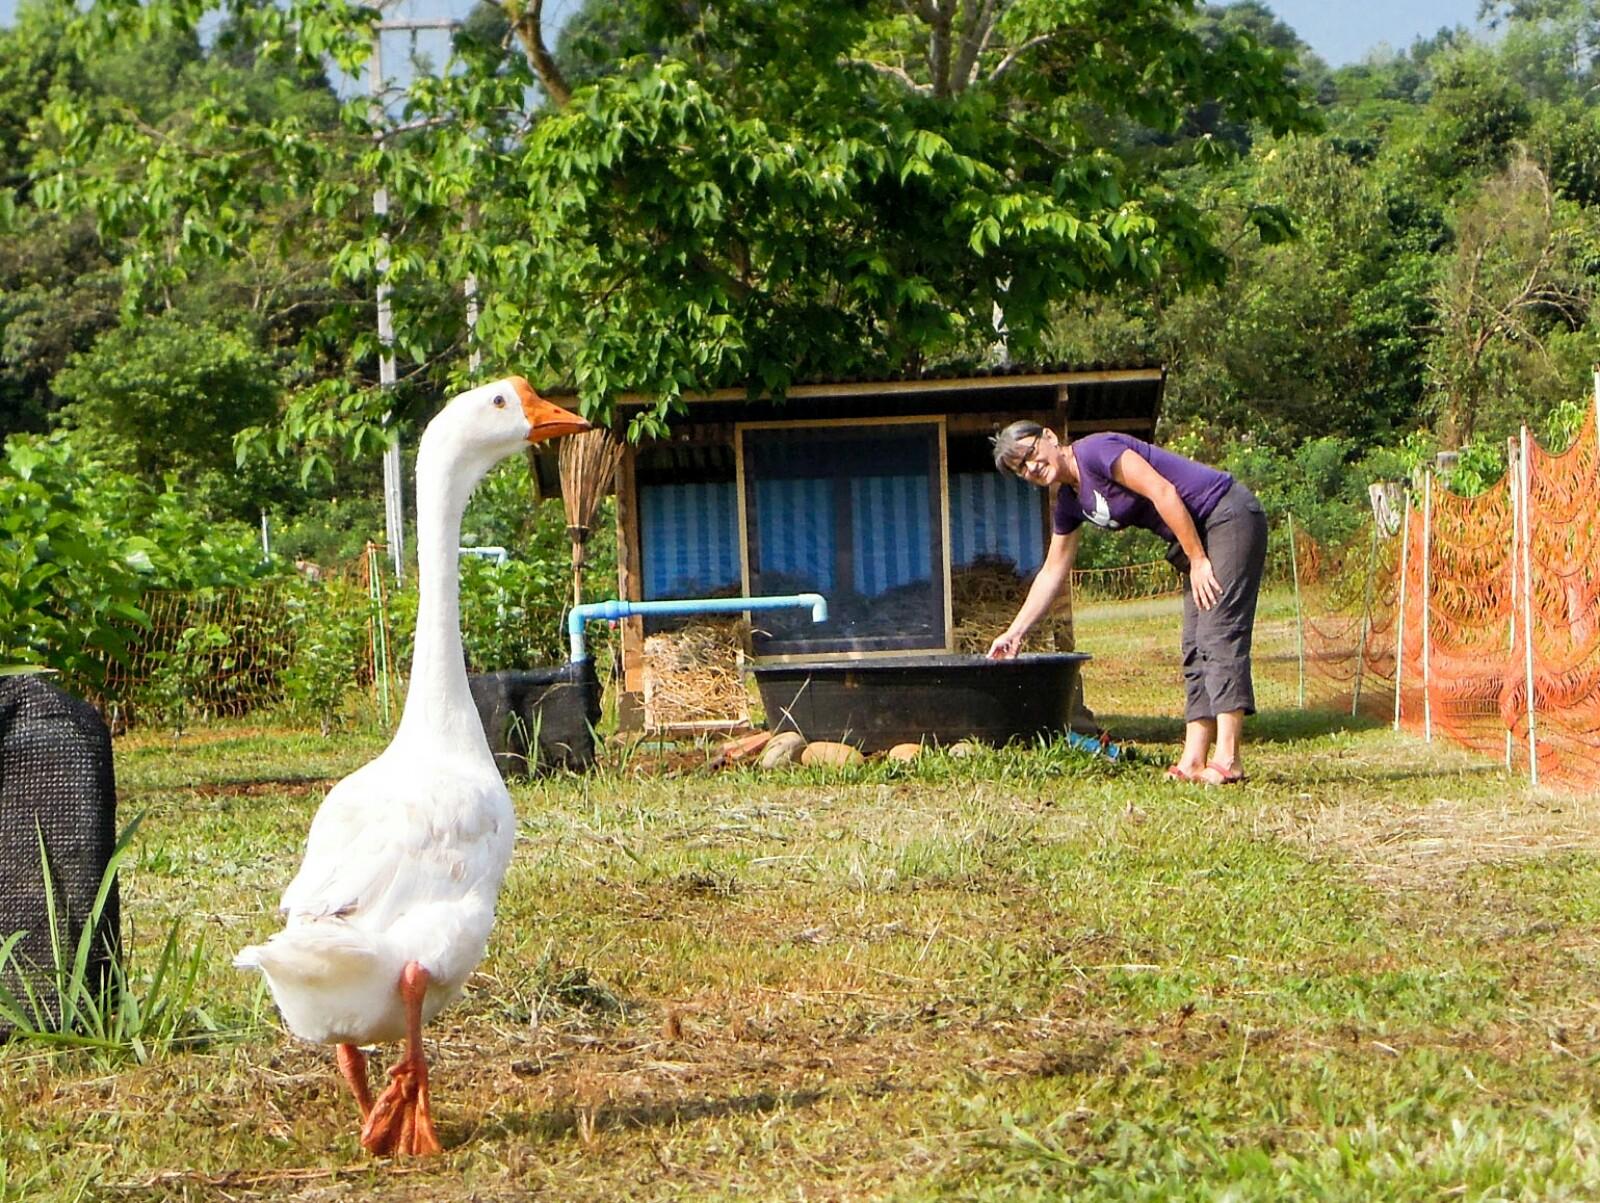 Gänse Weide Mai Savanh Lao Laos organic17